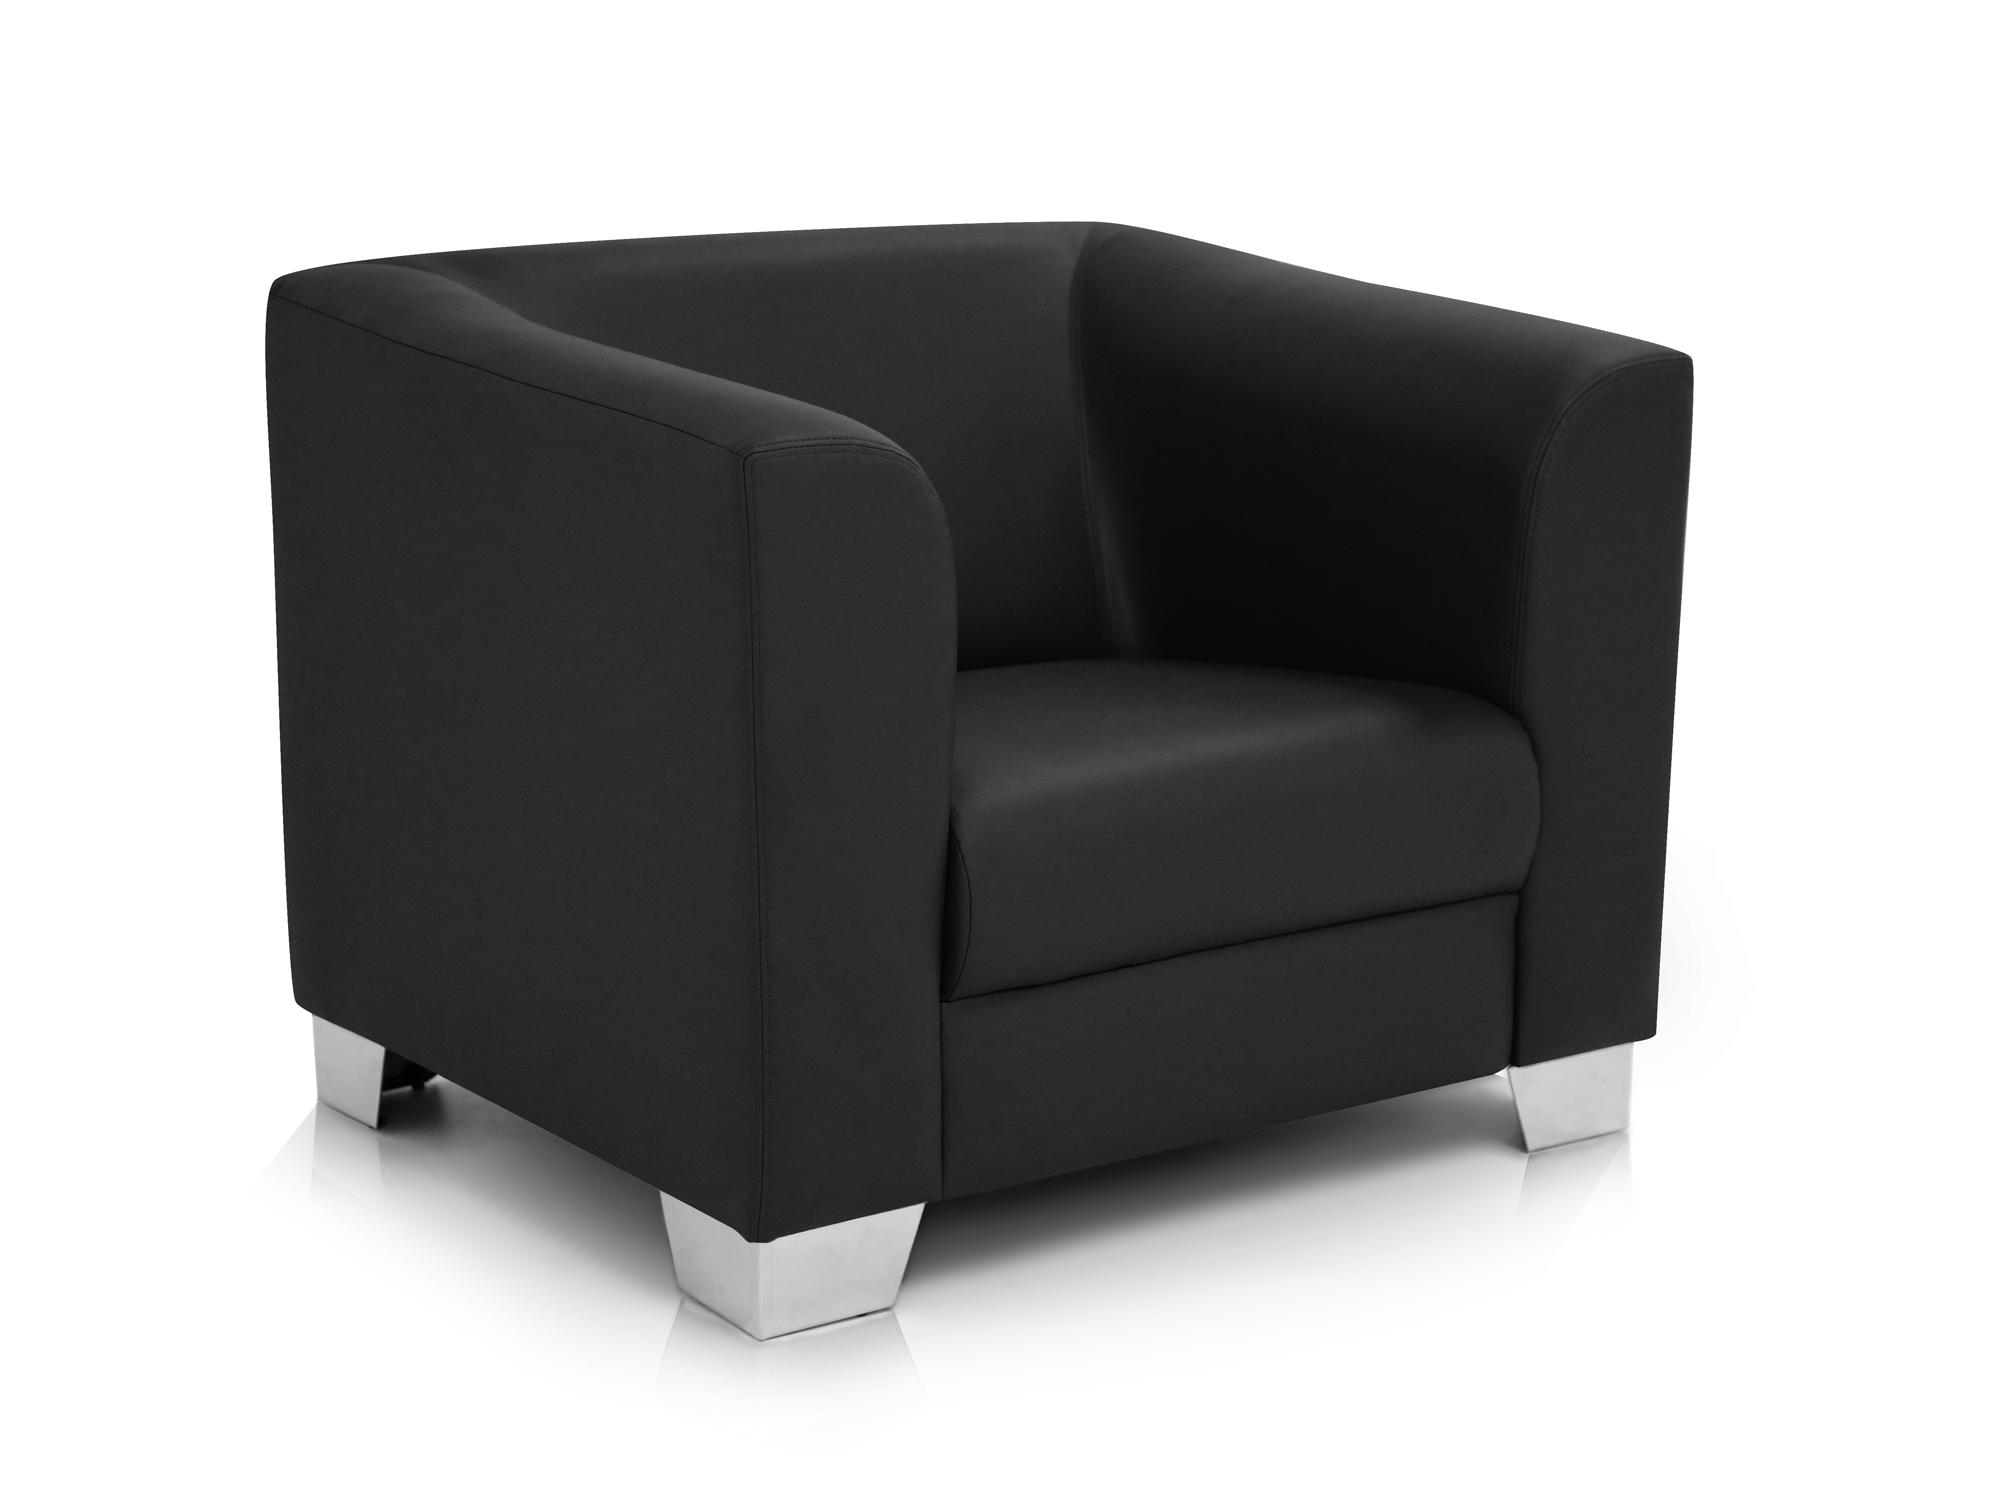 chicago sessel ledersessel schwarz. Black Bedroom Furniture Sets. Home Design Ideas